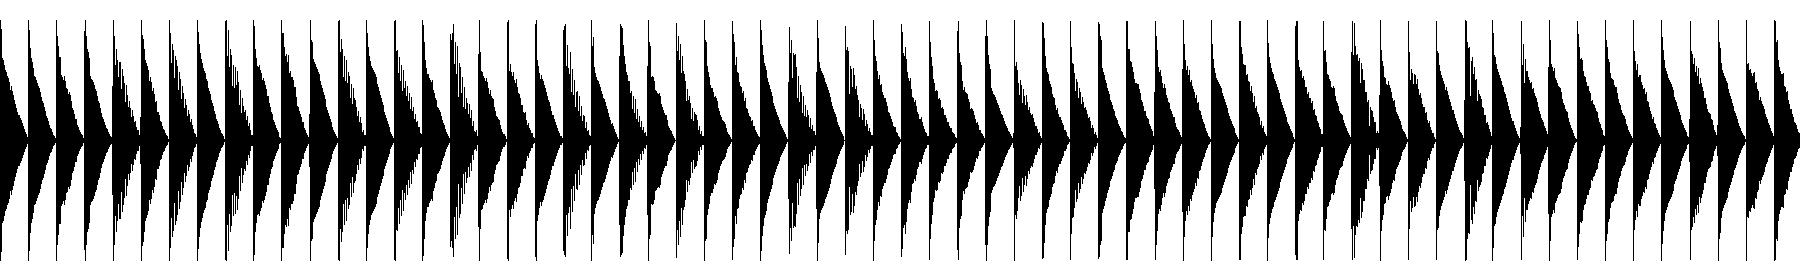 syn10 135